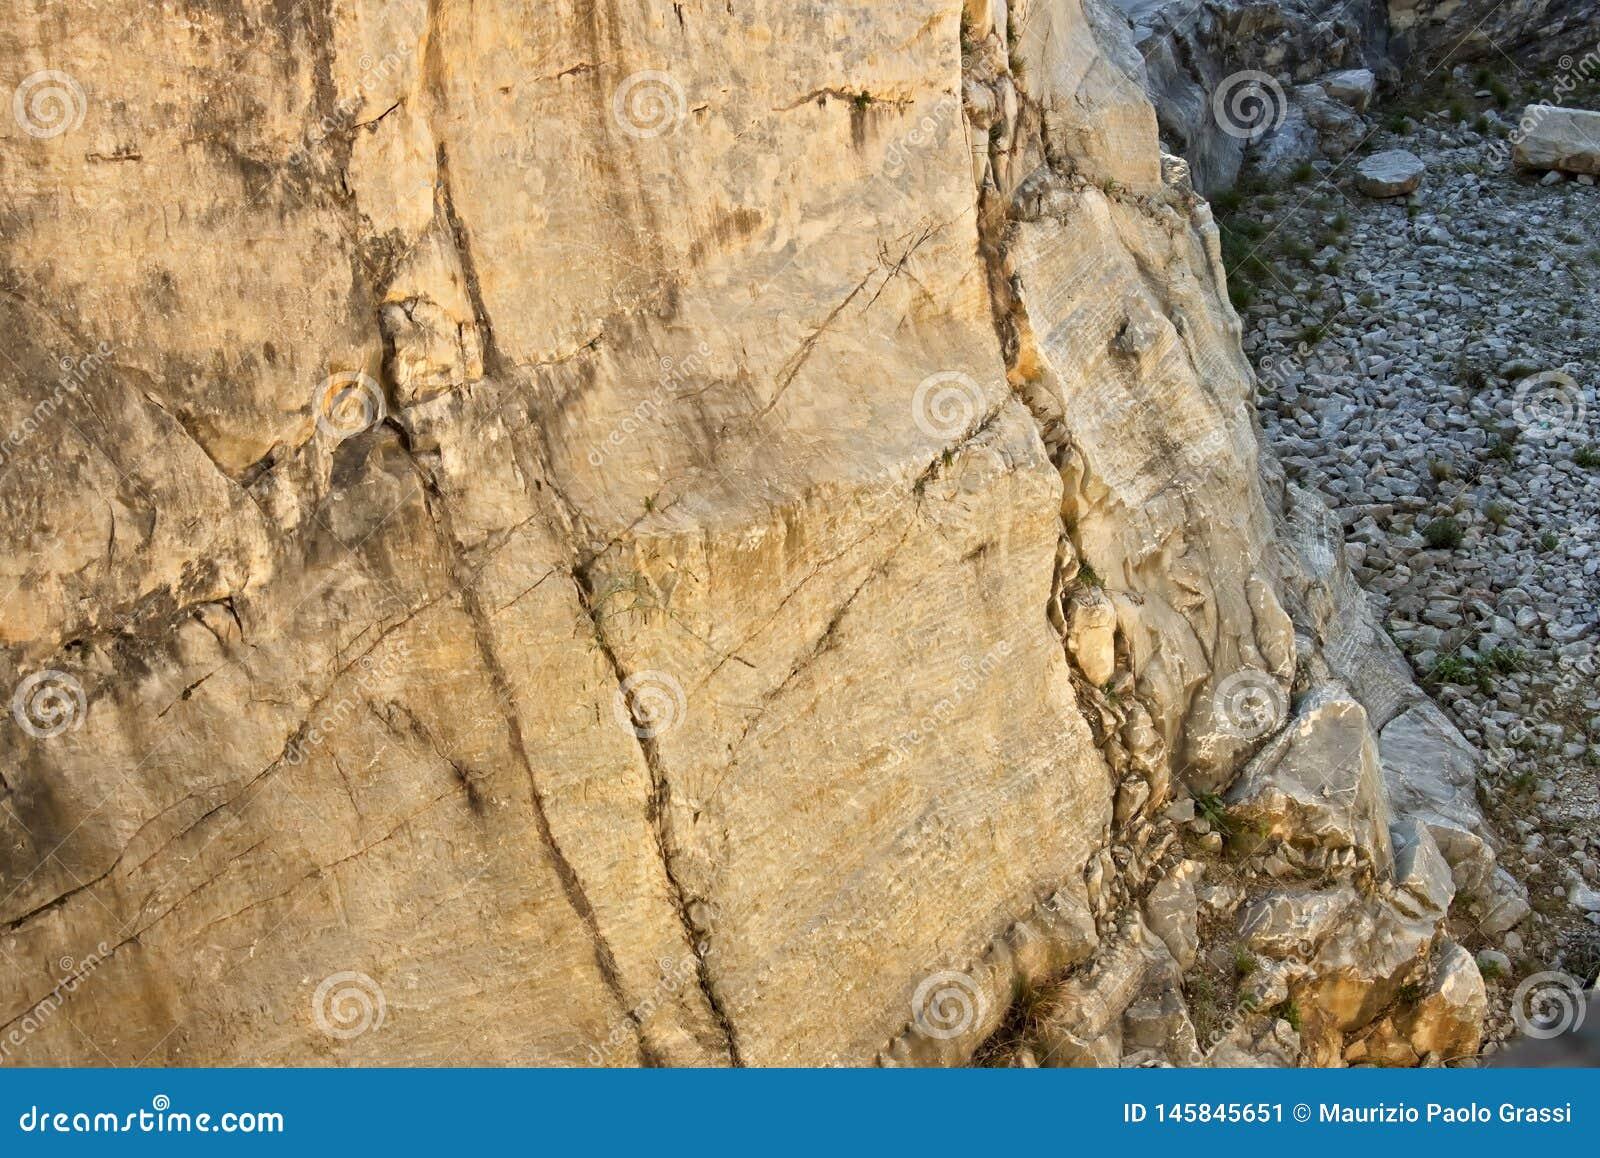 E 28 maart, 2019 Oude steengroeve van wit marmer van de Roman periode